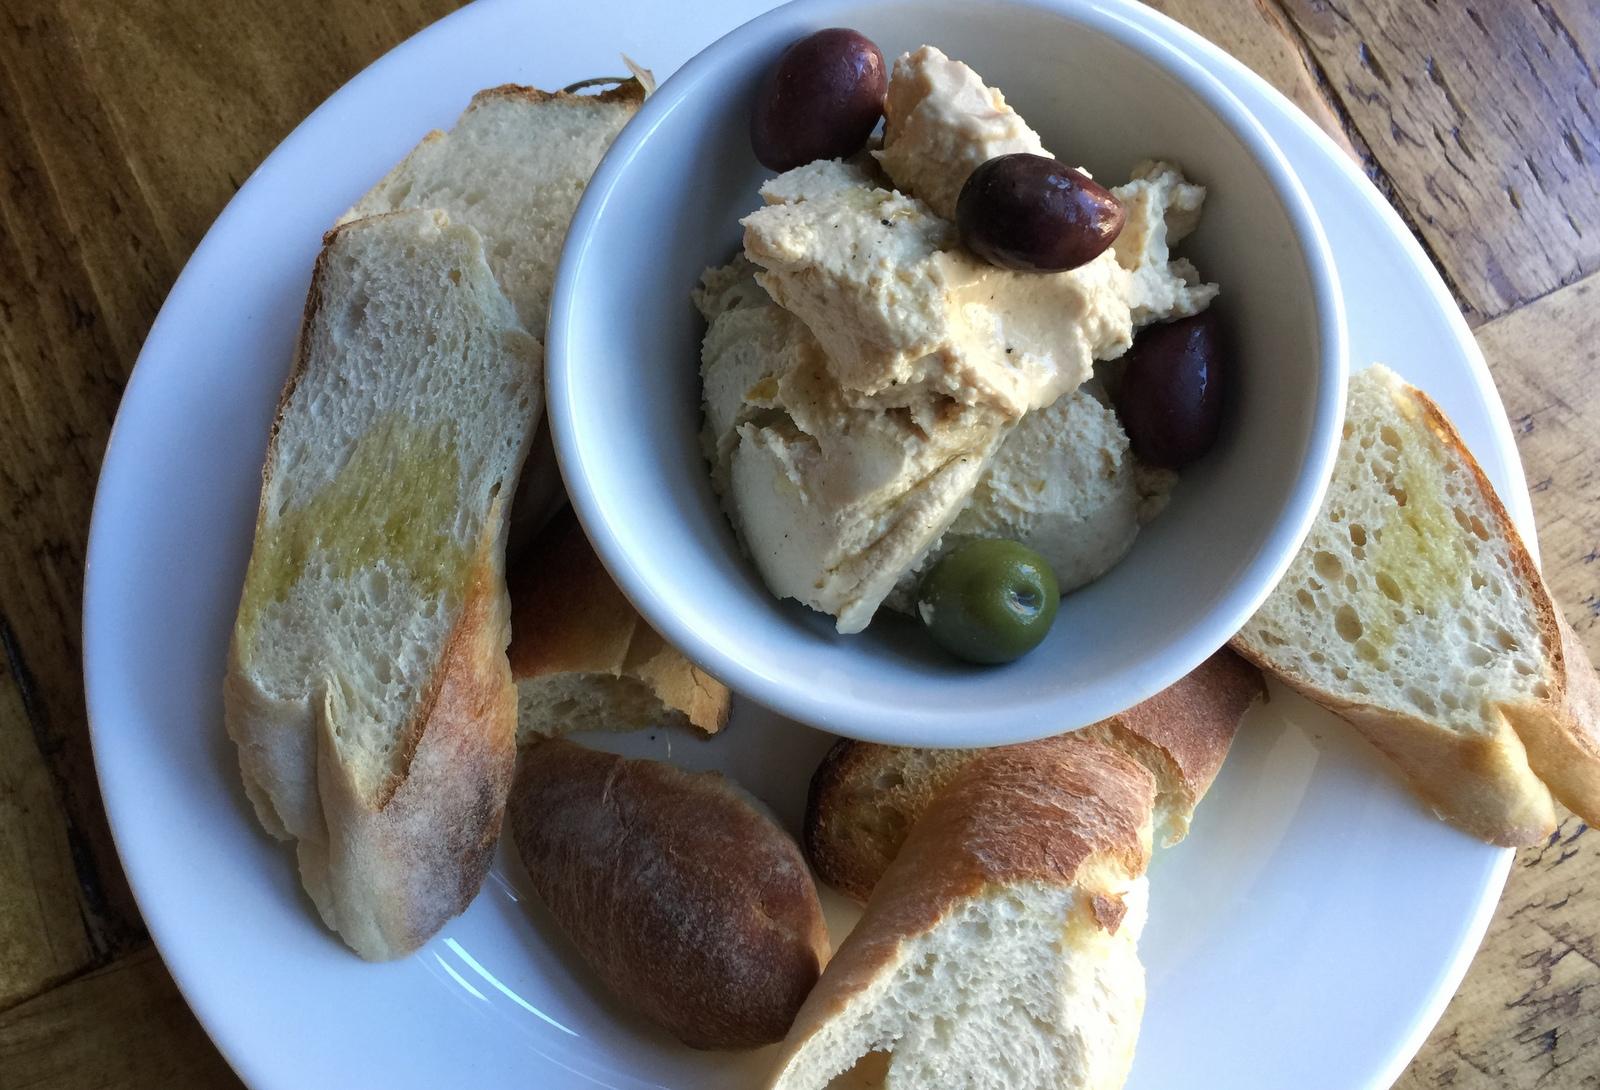 Hummus and bread at Hearth + Press. (Andrew Galarneau/Buffalo News)